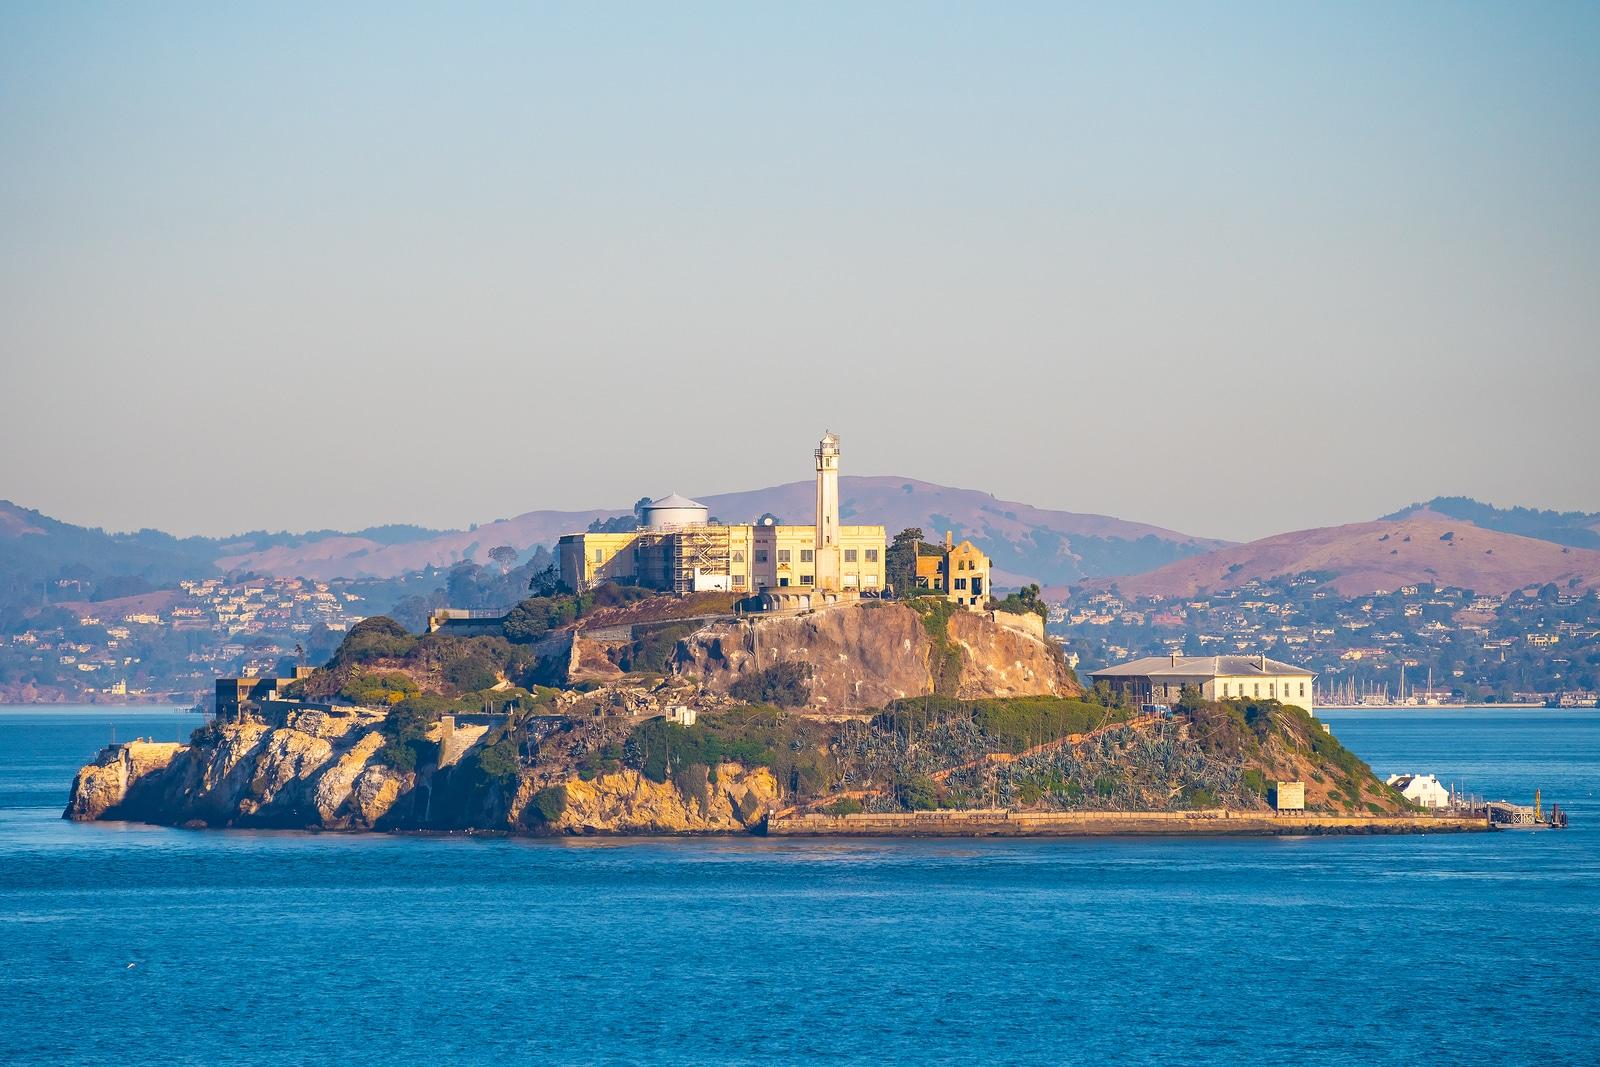 Alcatraz Prison Island in San Francisco Bay